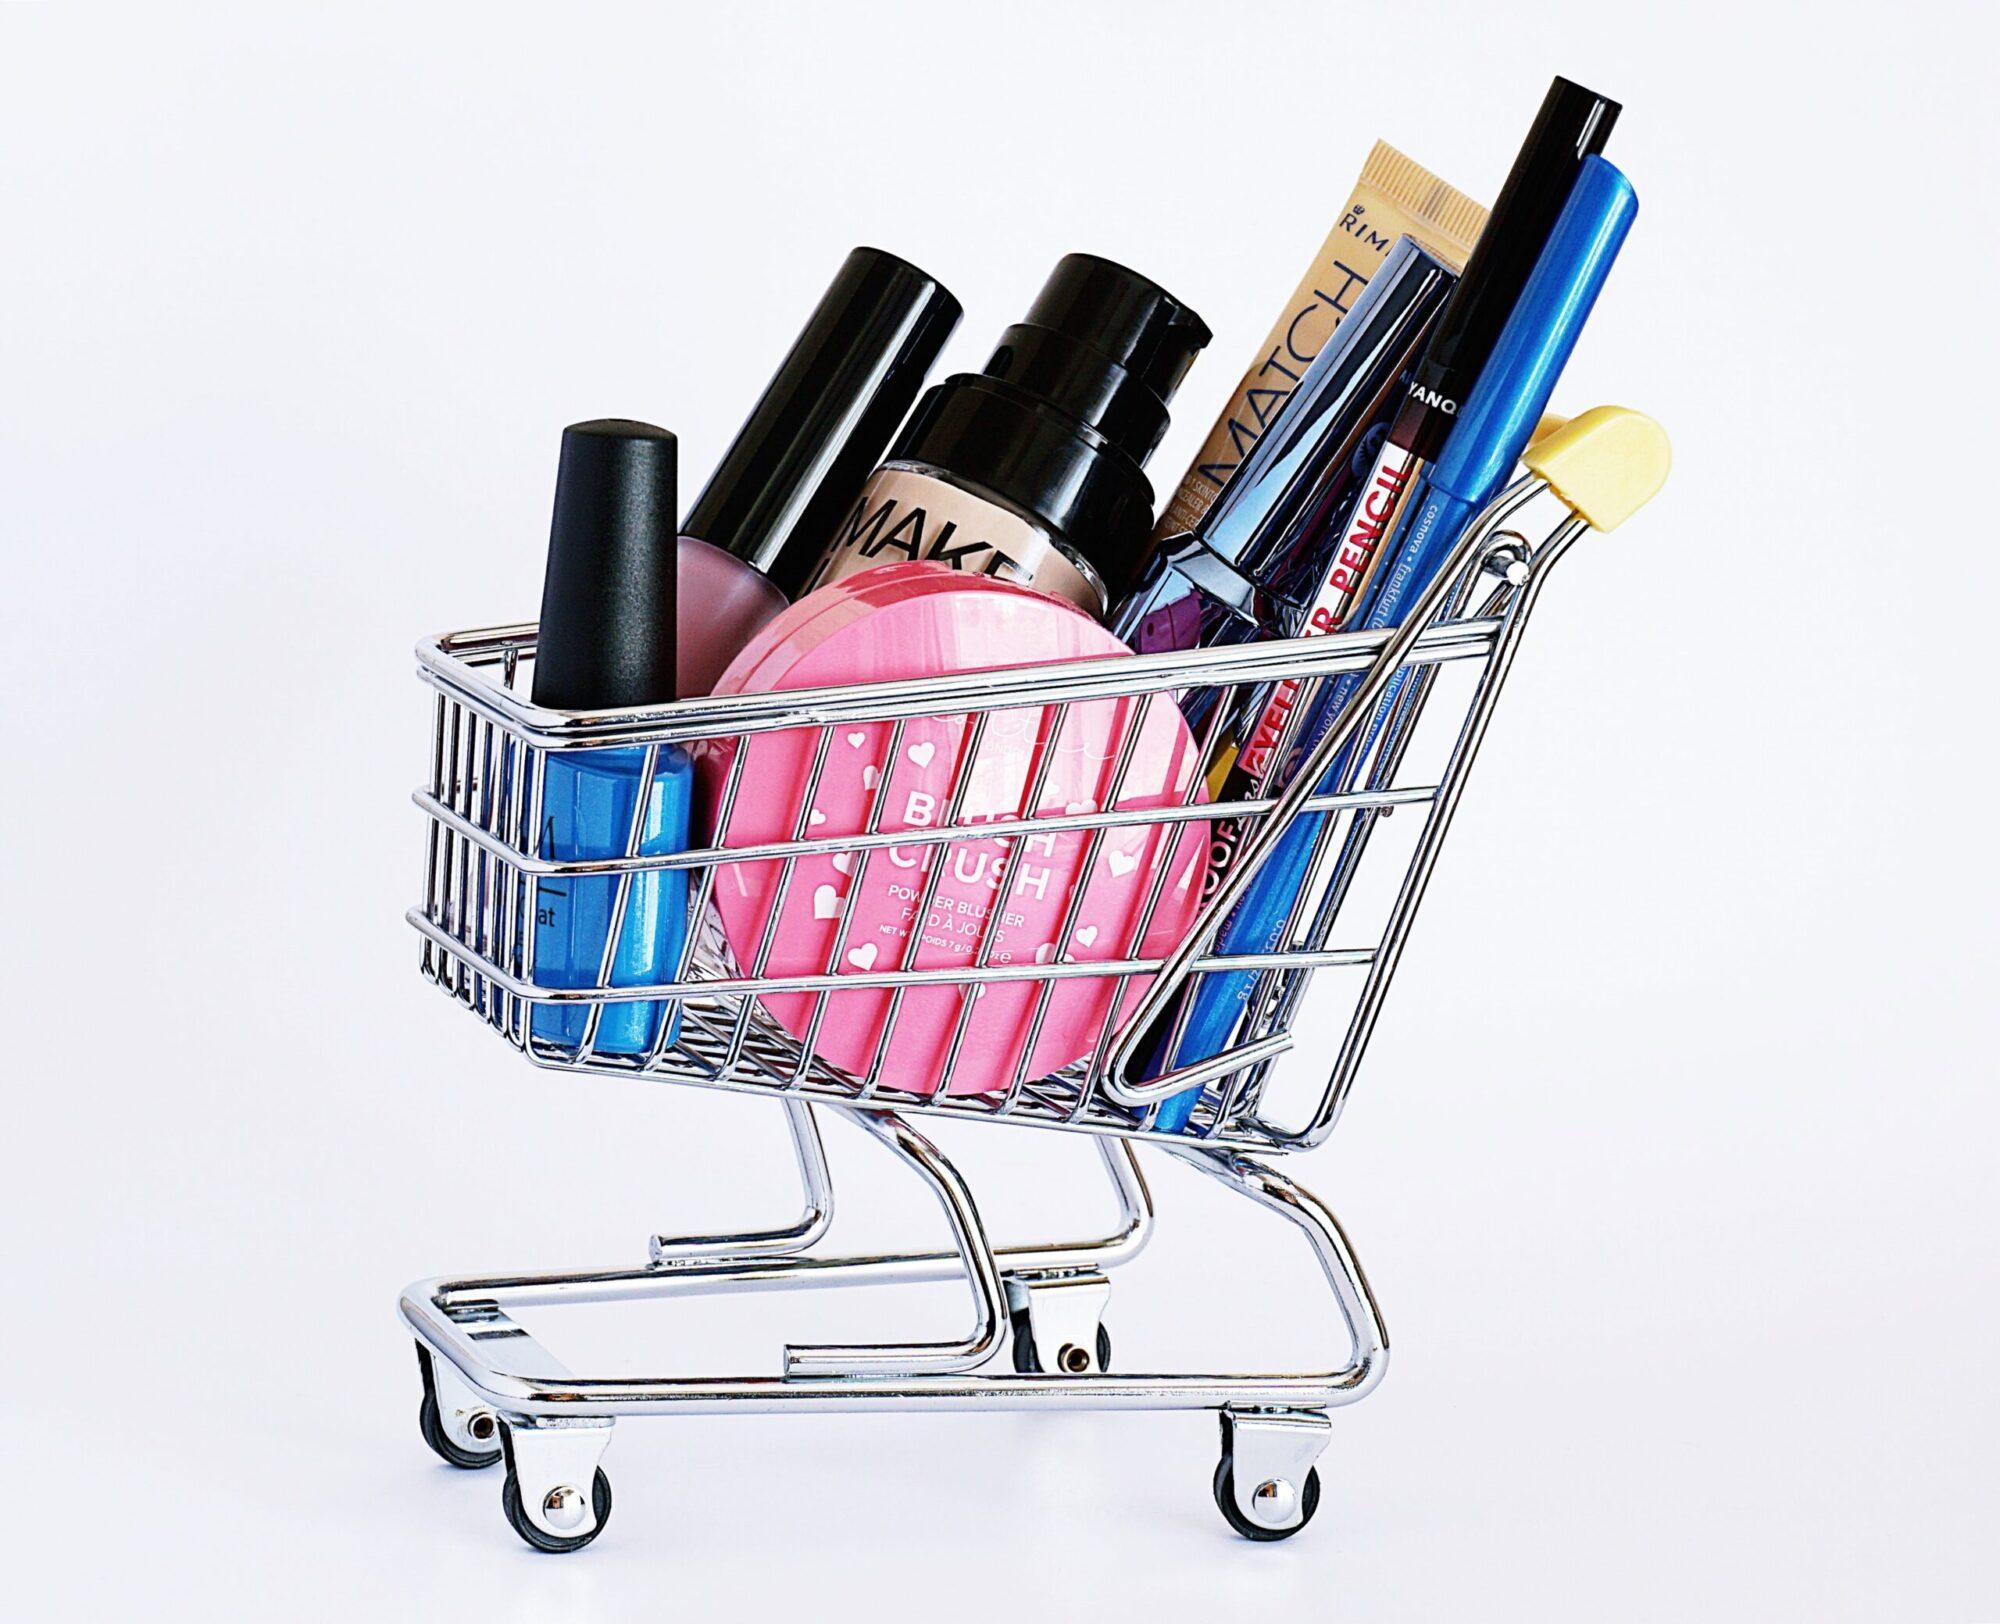 商品(製品)の構成要素